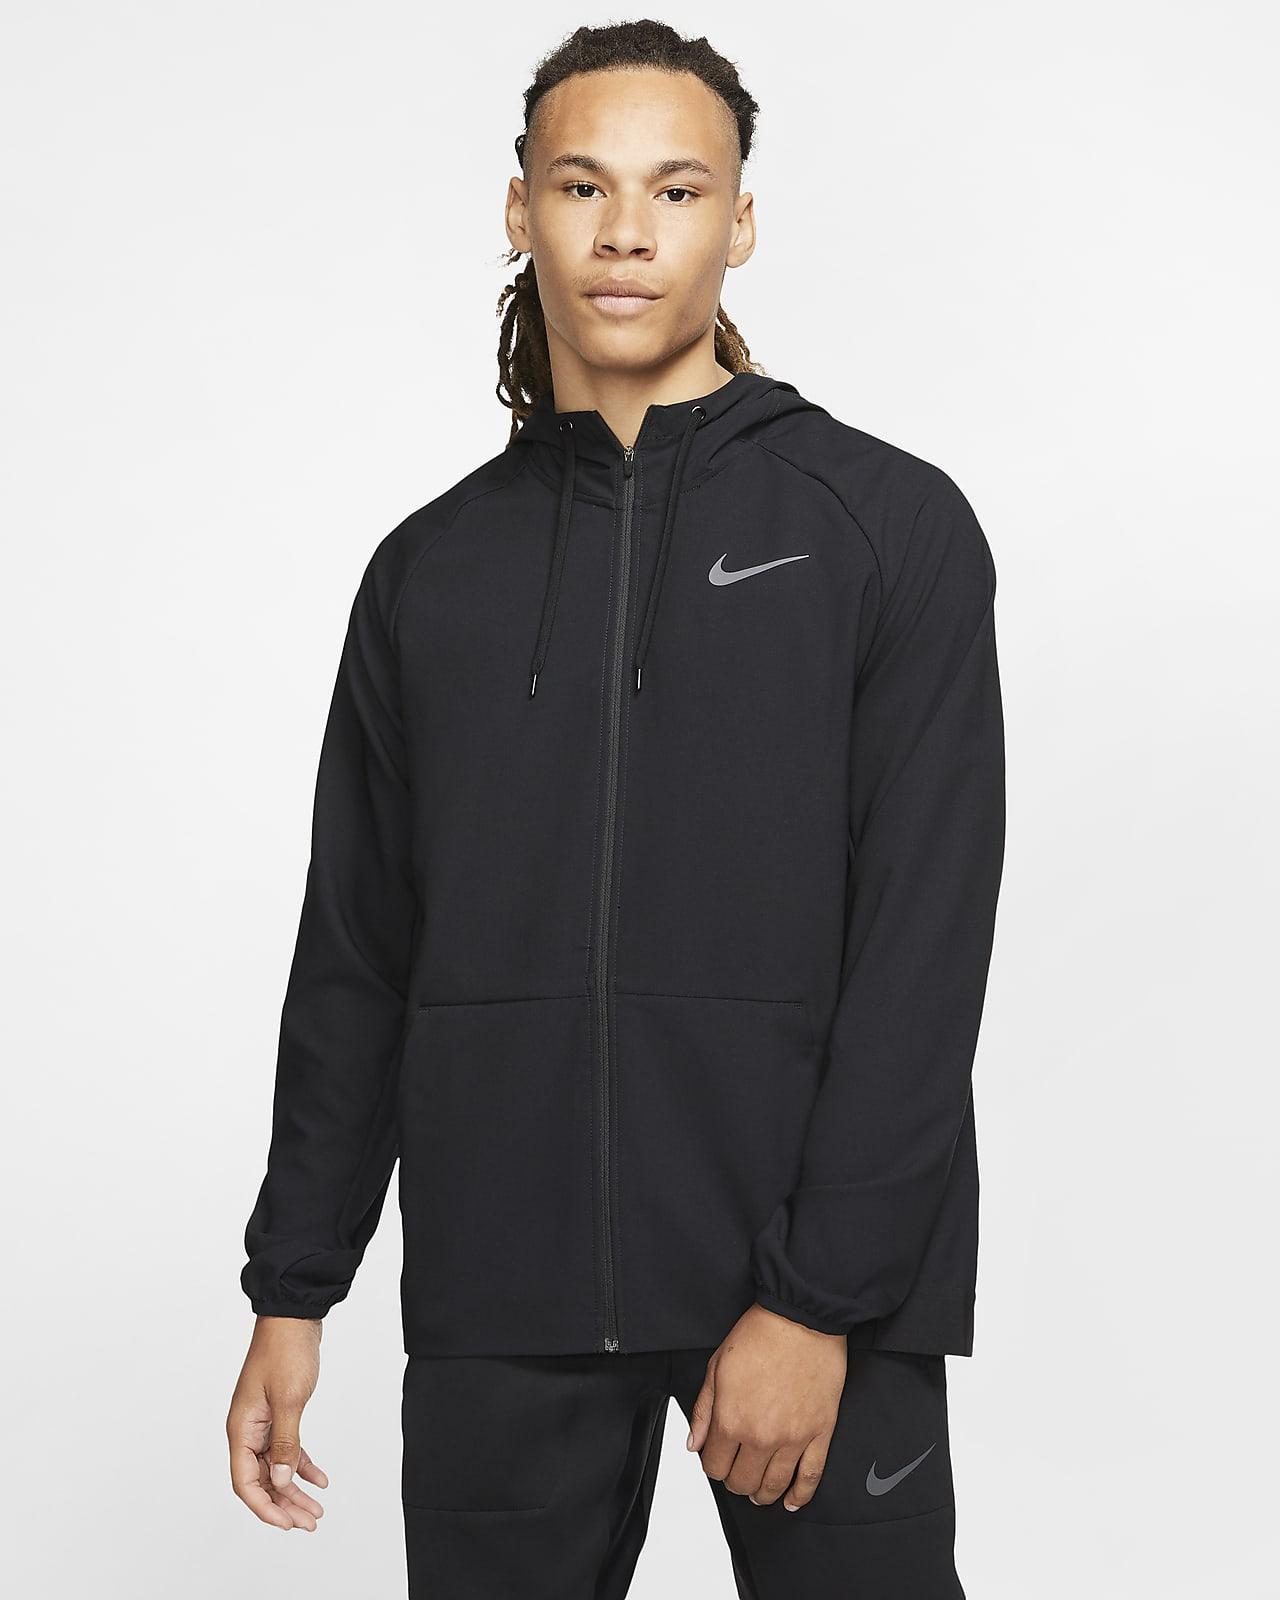 Giacca da training con zip a tutta lunghezza Nike Flex - Uomo